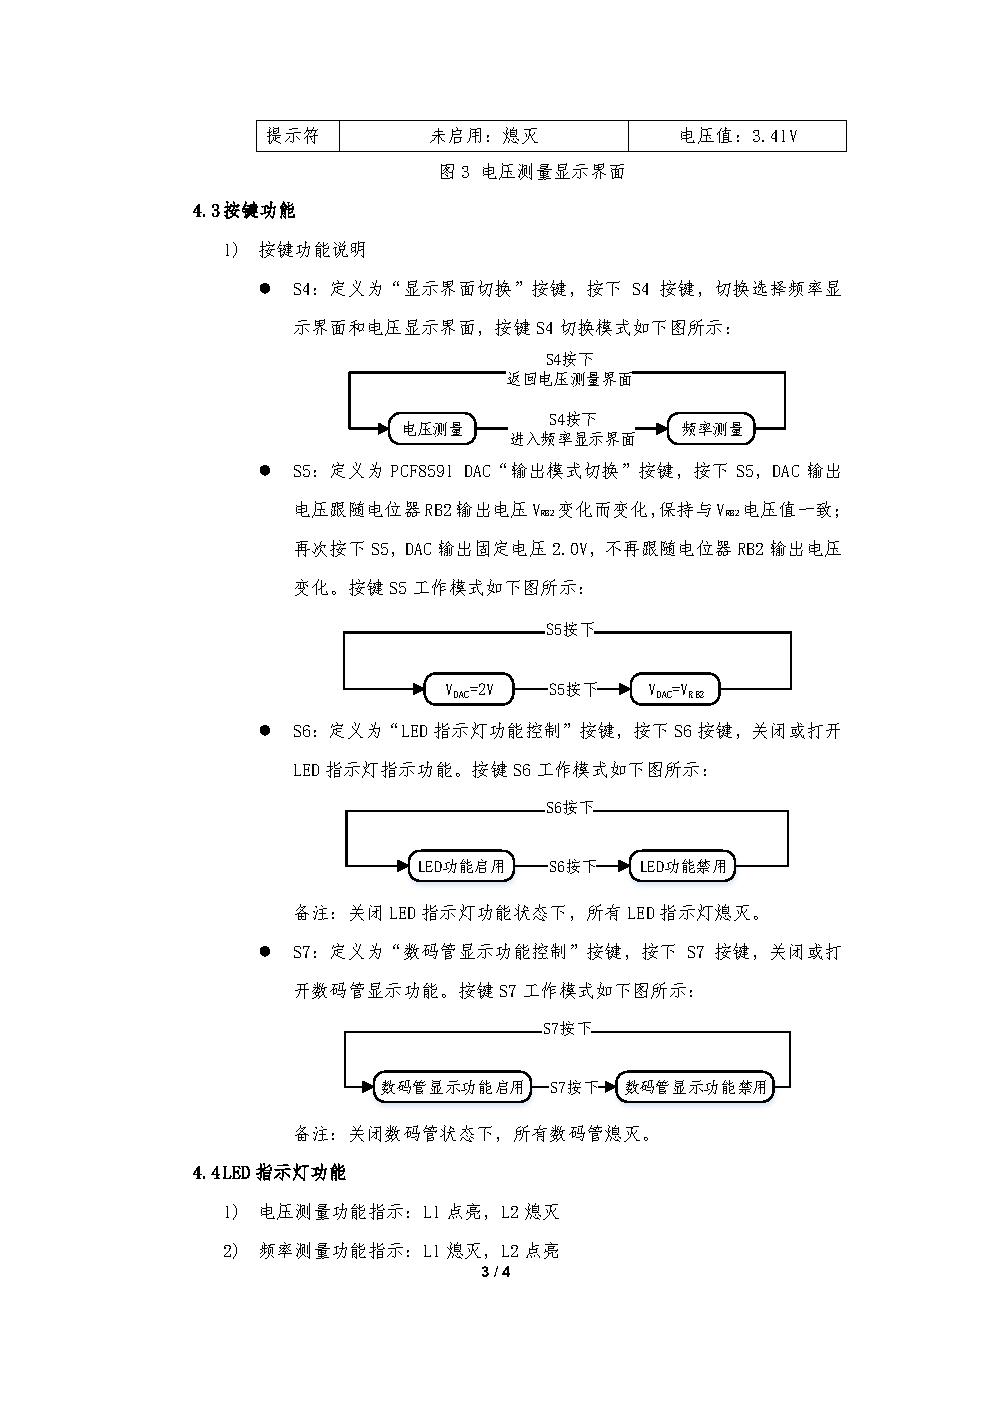 这是程序设计题第三页